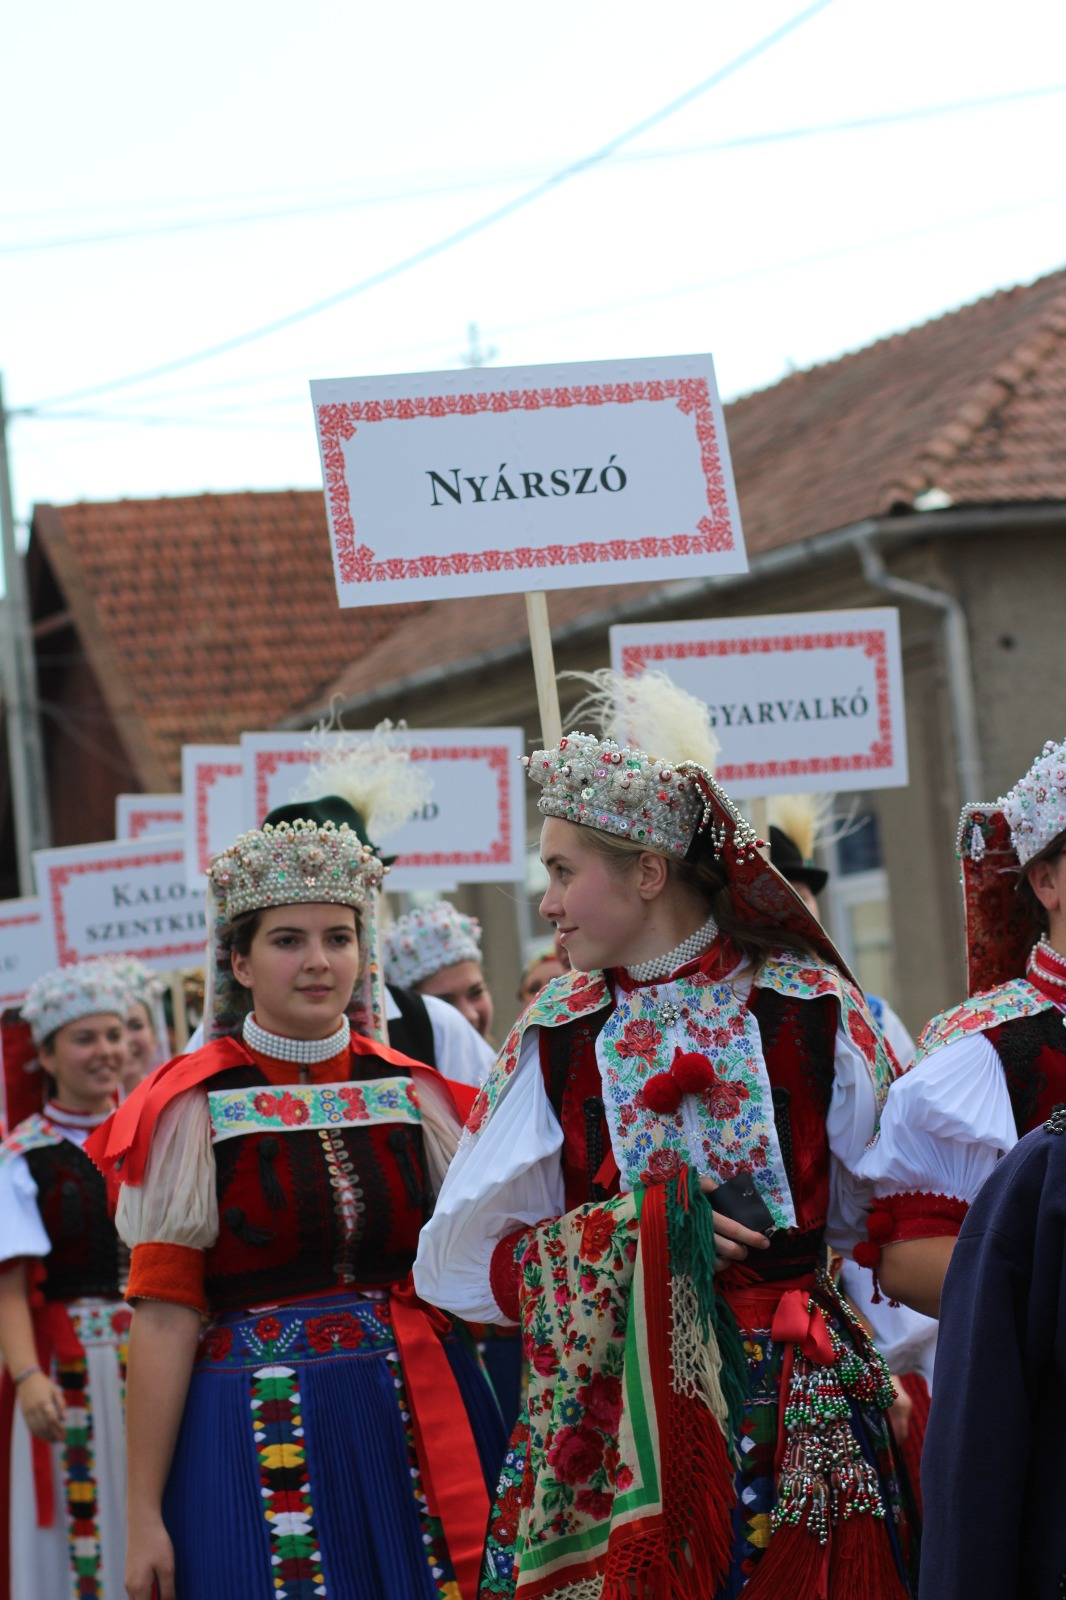 19f656566d Az esemény fénypontja a vasárnap déli népviseleti mustra, amelynek keretén  belül Kalotaszeg közel 30 településéből érkező csoportok ünnepi ruhát öltve  ...